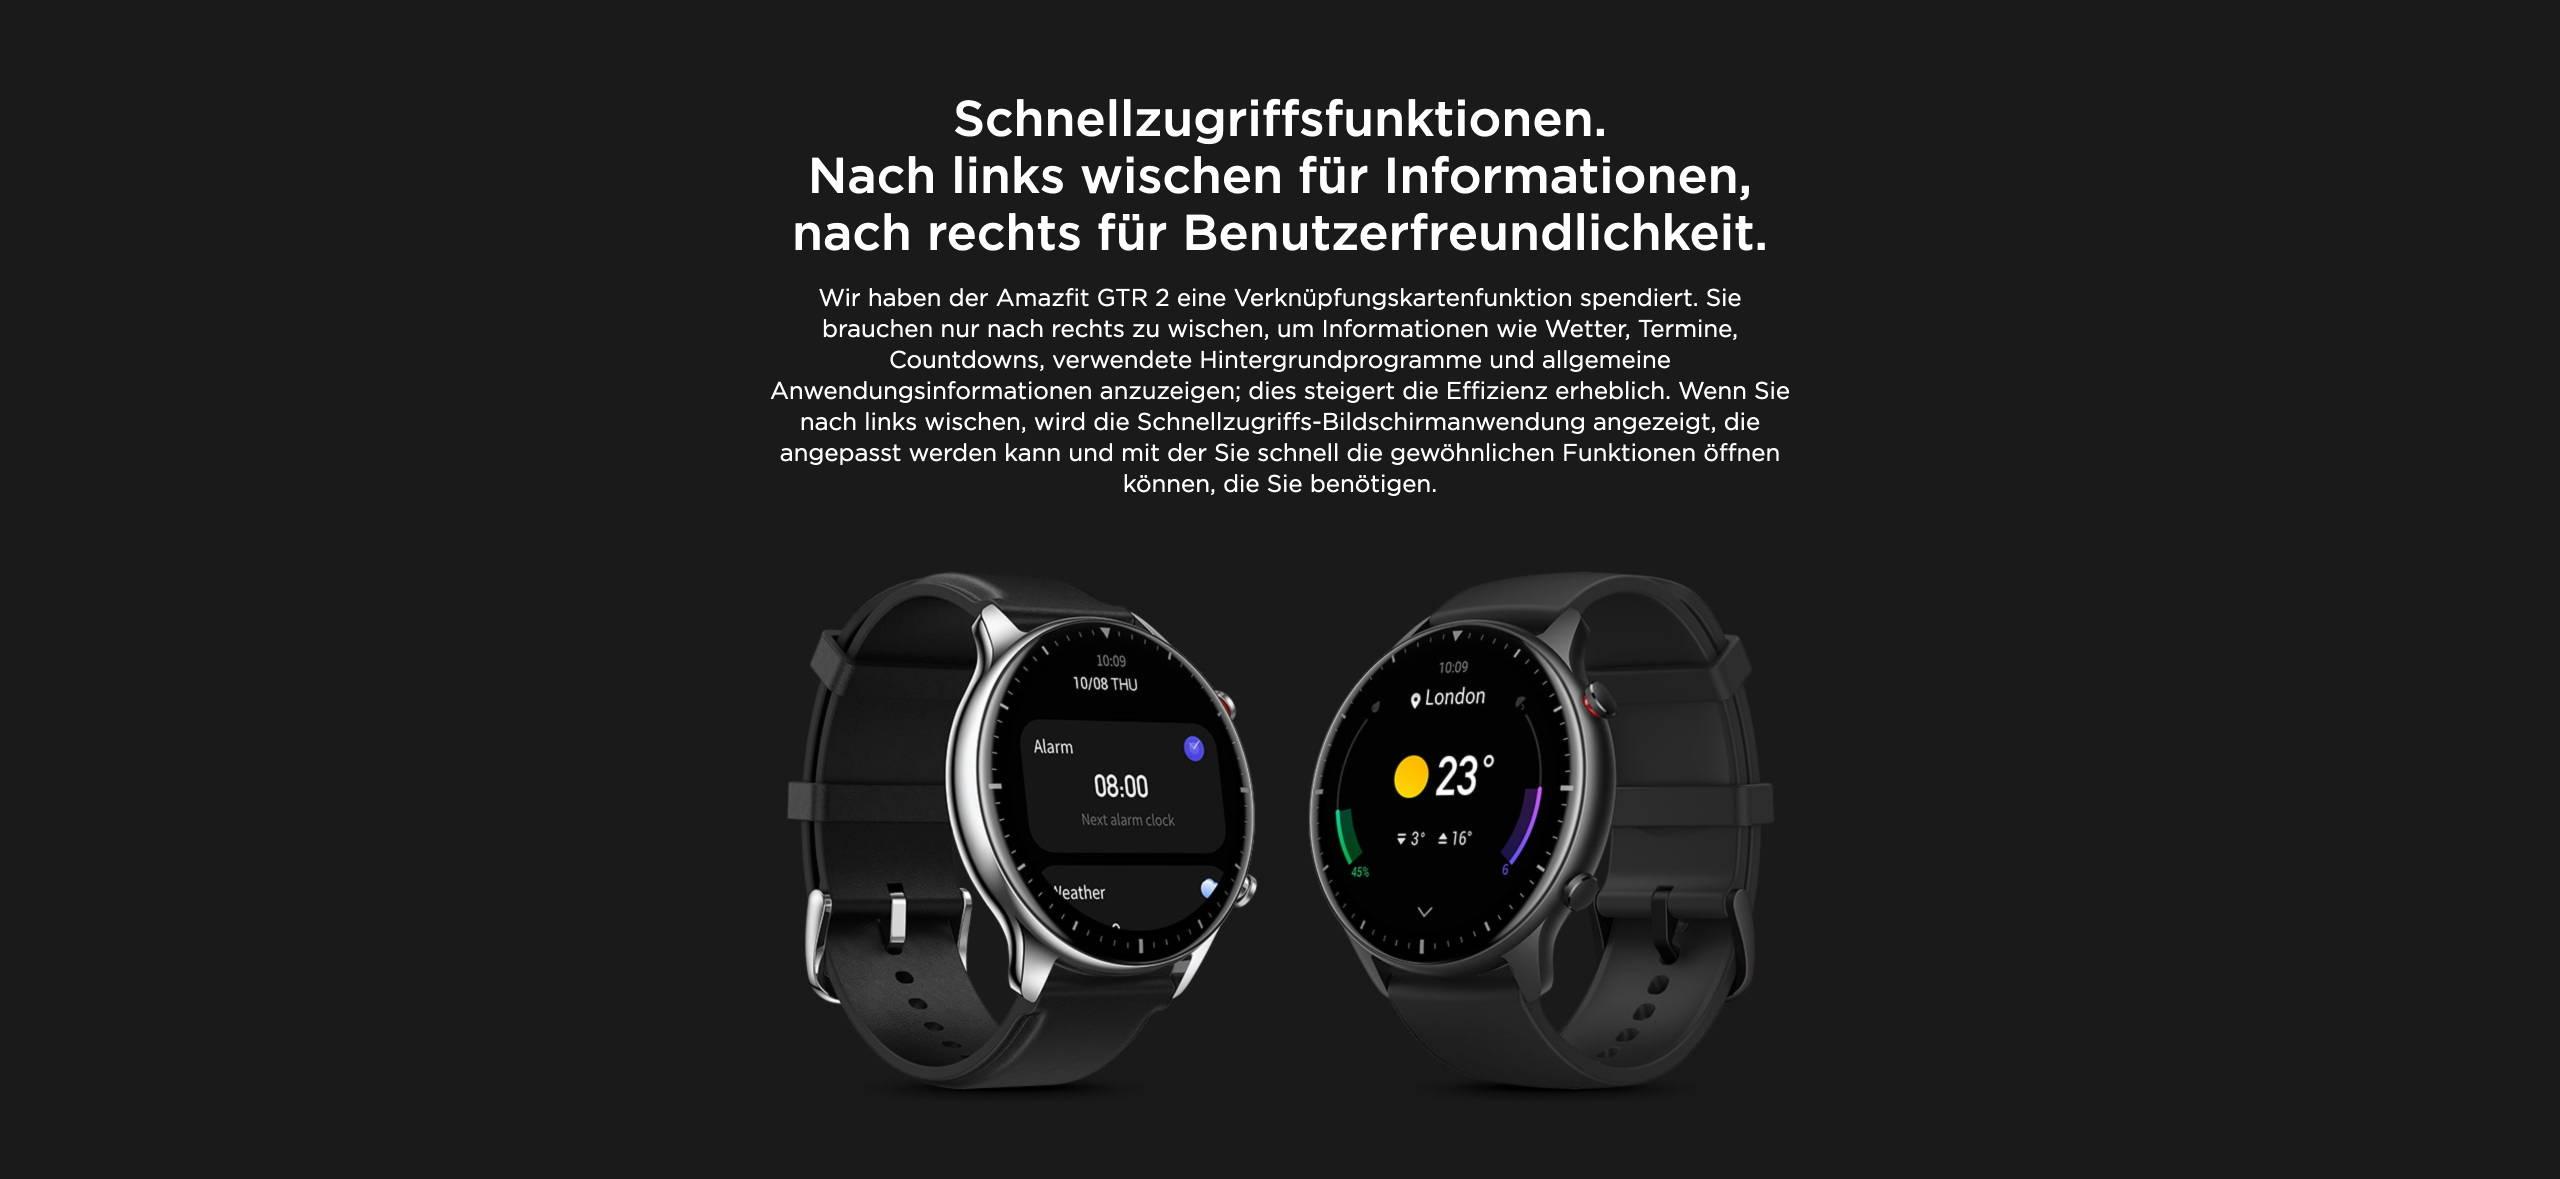 Amazfit GTR 2 - Schnellzugriffsfunktionen. Nach links wischen für Informationen, nach rechts für Benutzerfreundlichkeit.